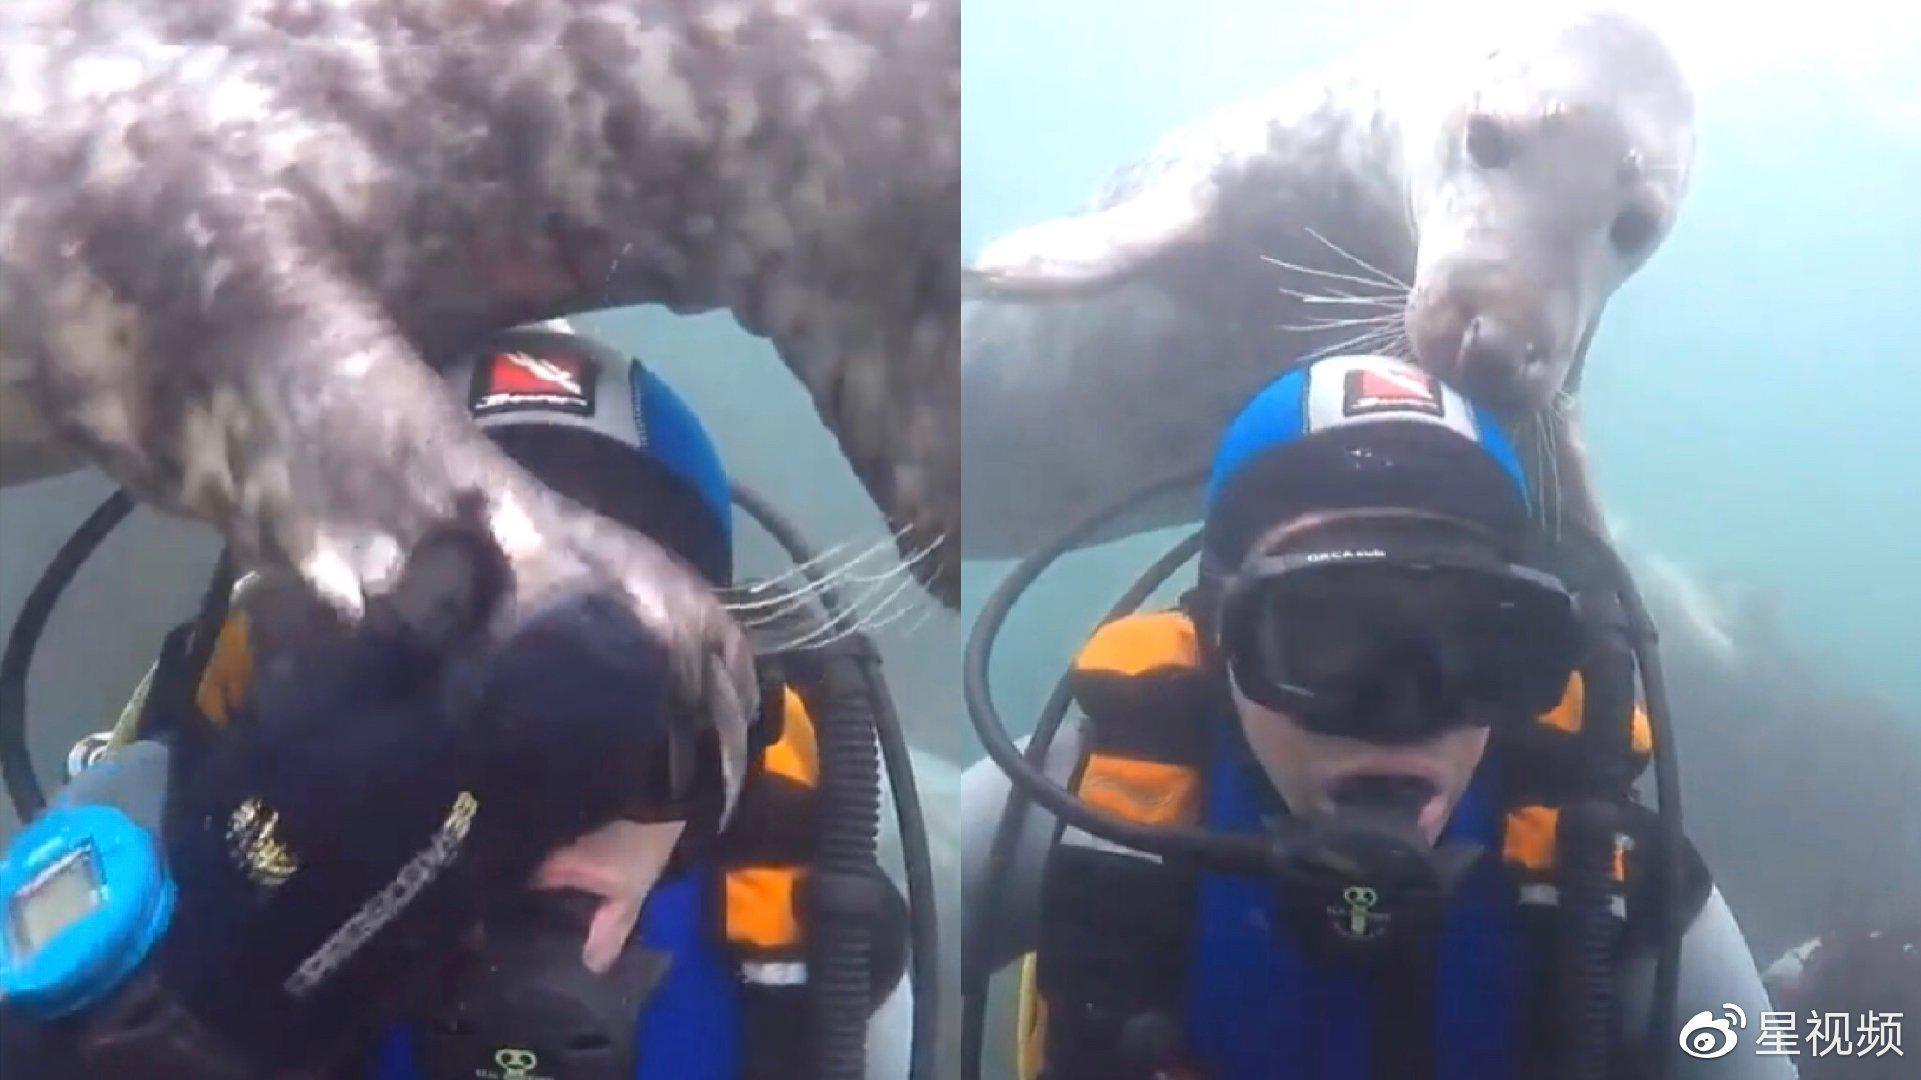 可爱!潜水员偶遇小海豹,彼此亲切互动宛如相识已久